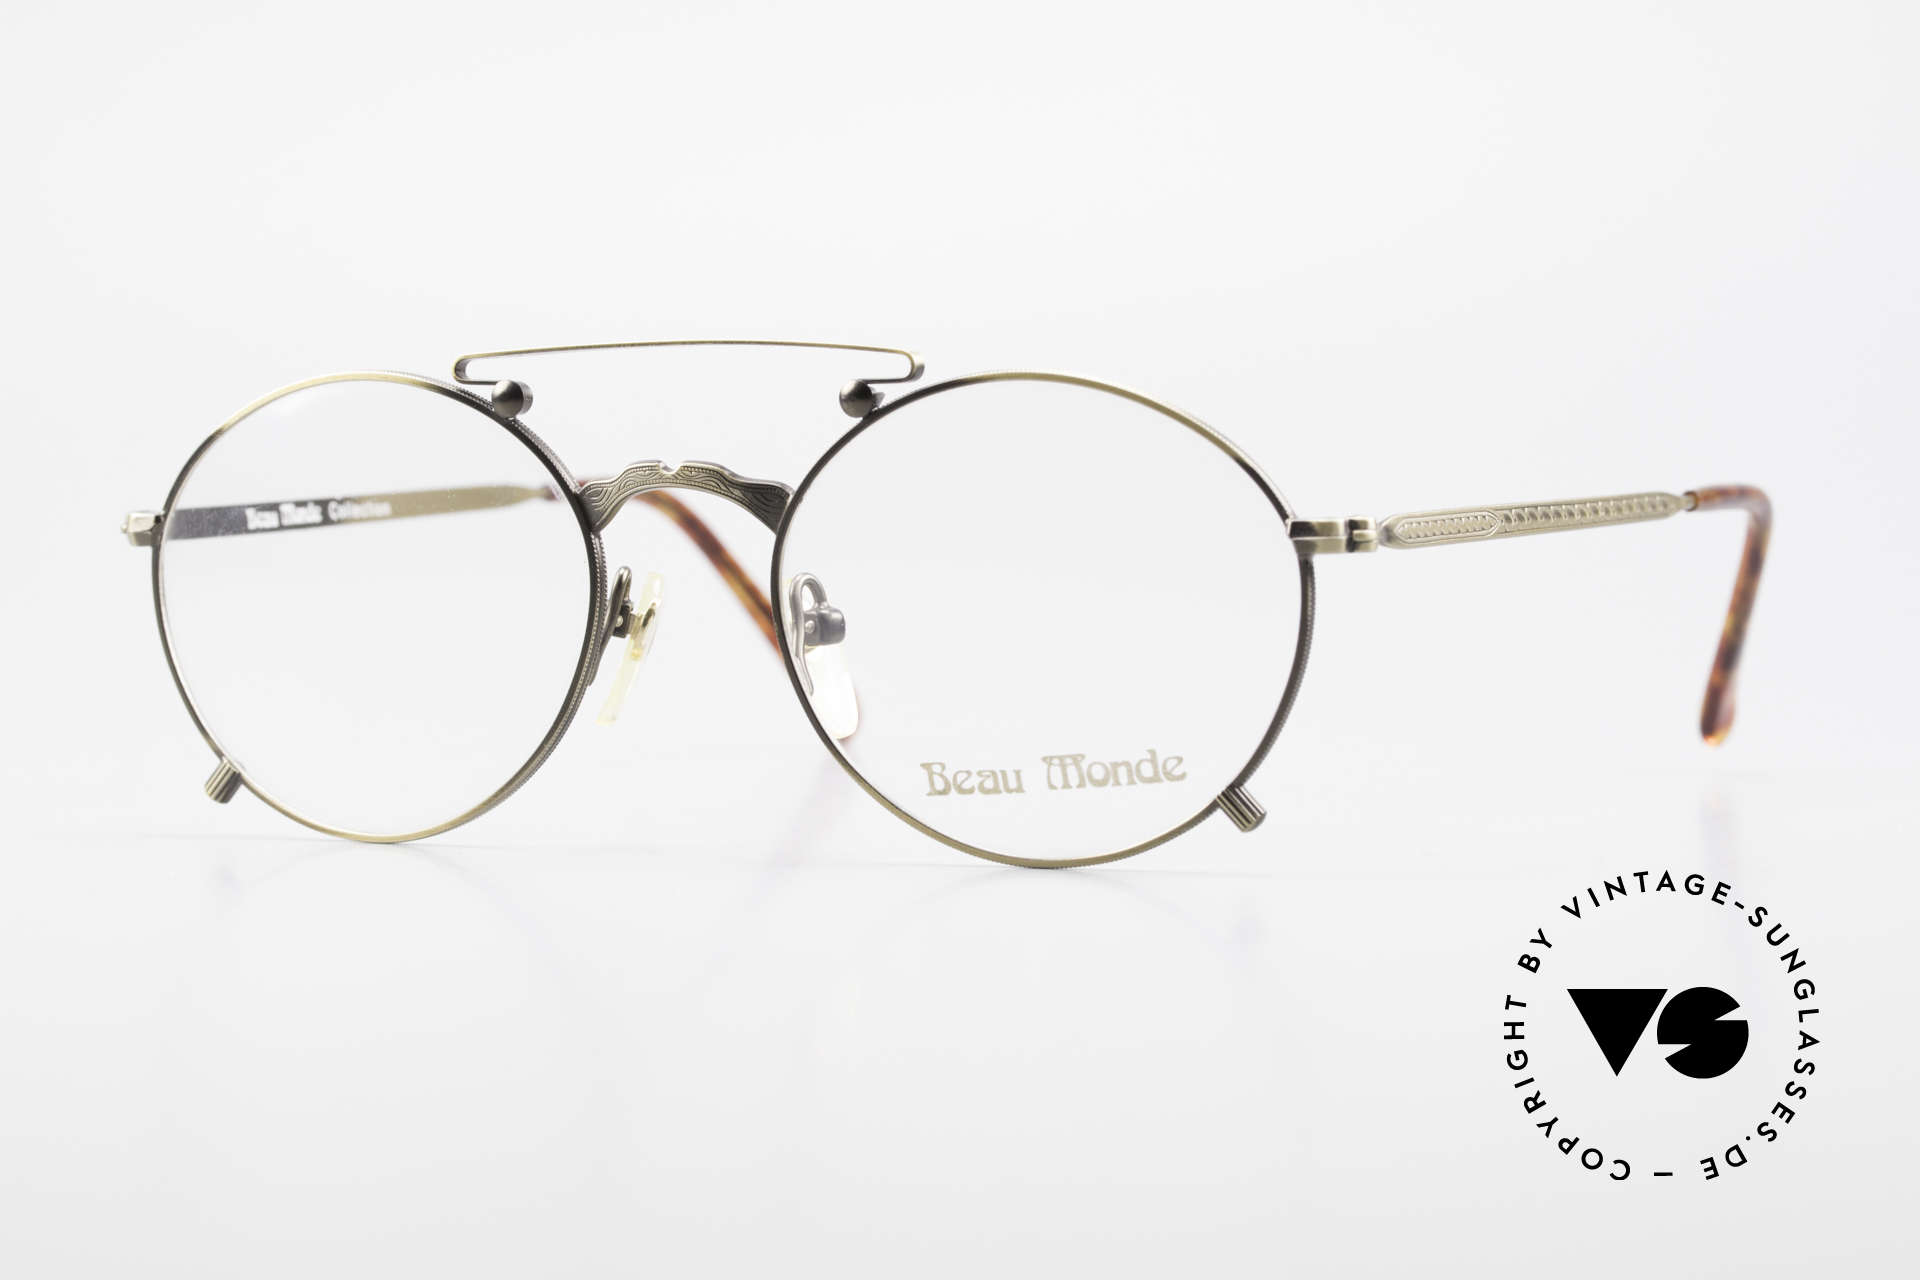 Beau Monde Knightsbridge Alte Vintage Brille 90er Insider, interessante alte vintage Brille; späte 80er / frühe 90er, Passend für Herren und Damen